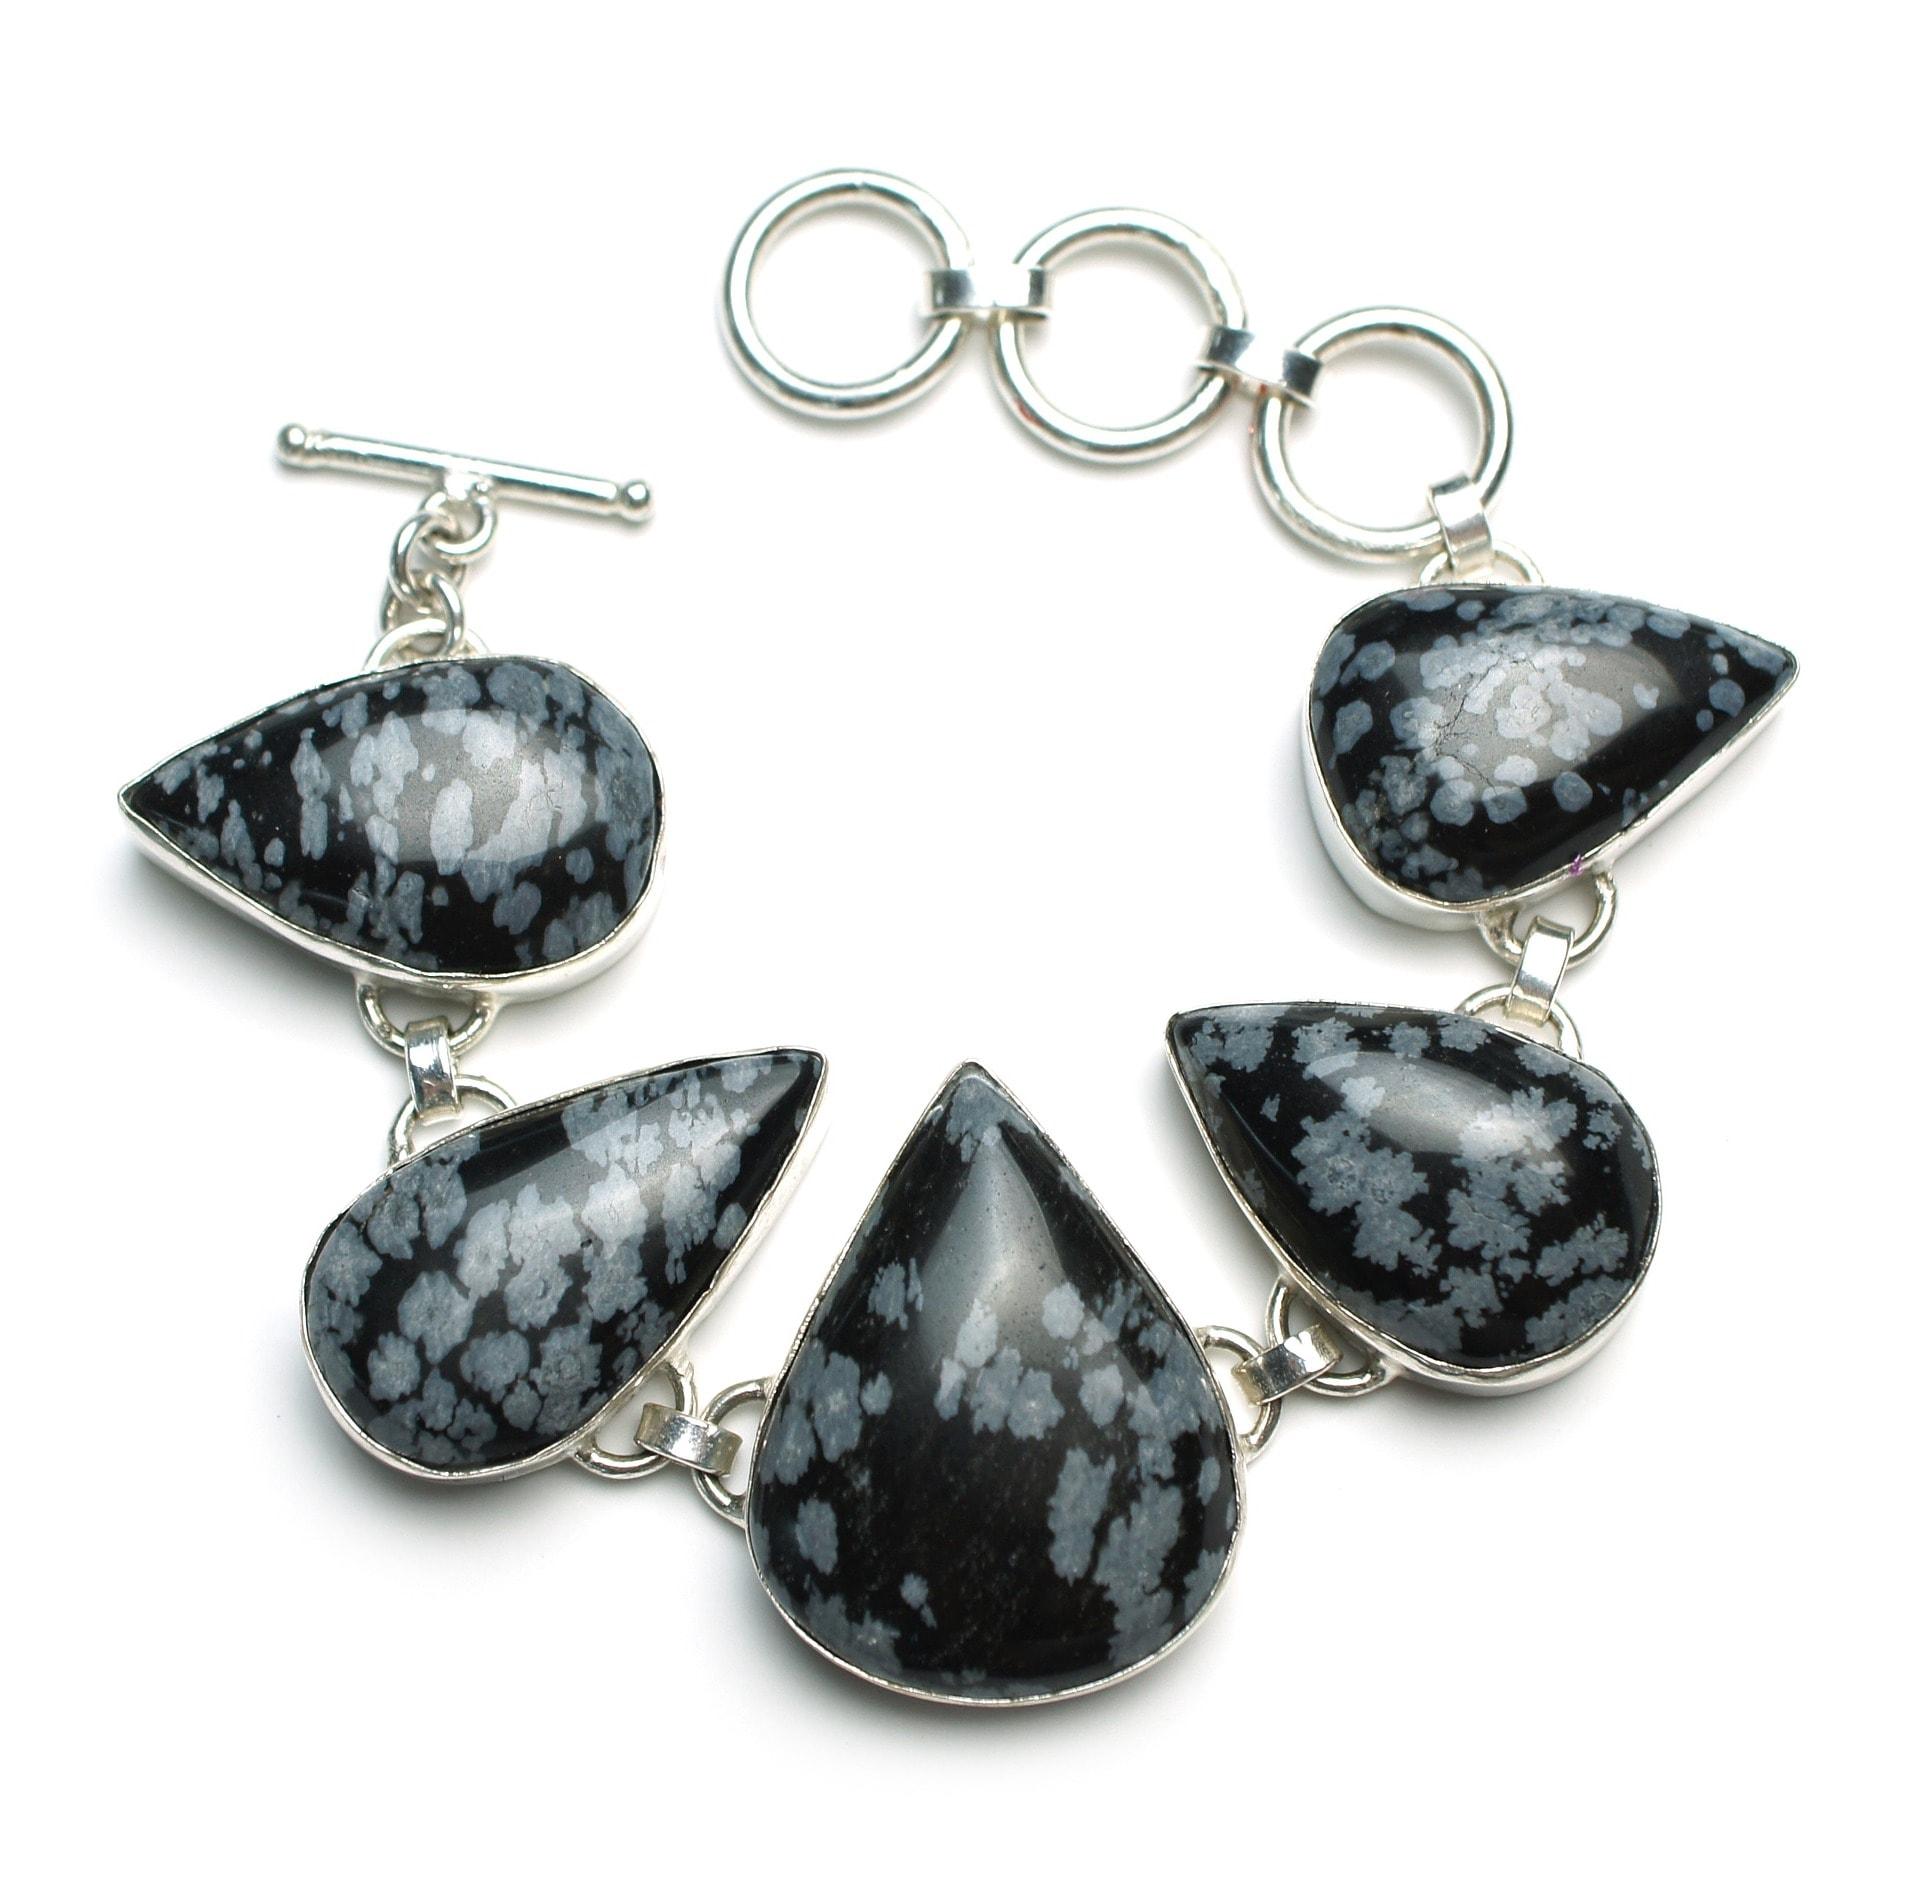 Tourmilated Quartz and ObsidianOnyx Gemstone Jewelry Set